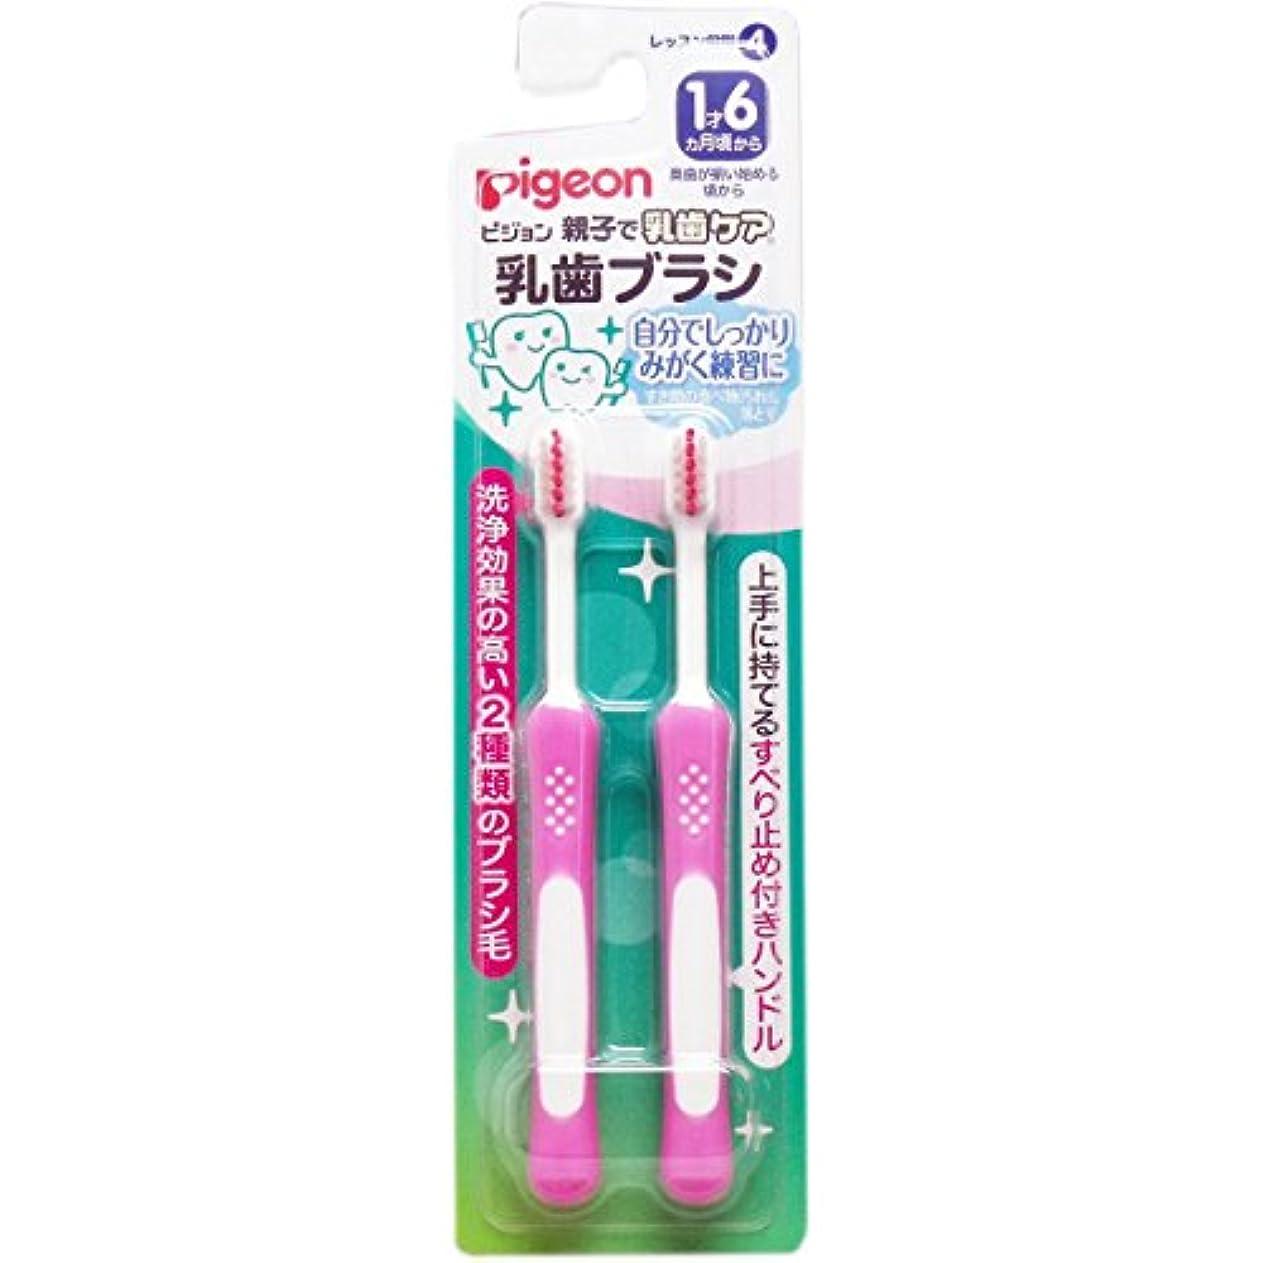 同行すなわちためにピジョン 親子で乳歯ケア 乳歯ブラシ レッスン段階4 ピンク 2本入 (1才6ヵ月頃~3才頃)